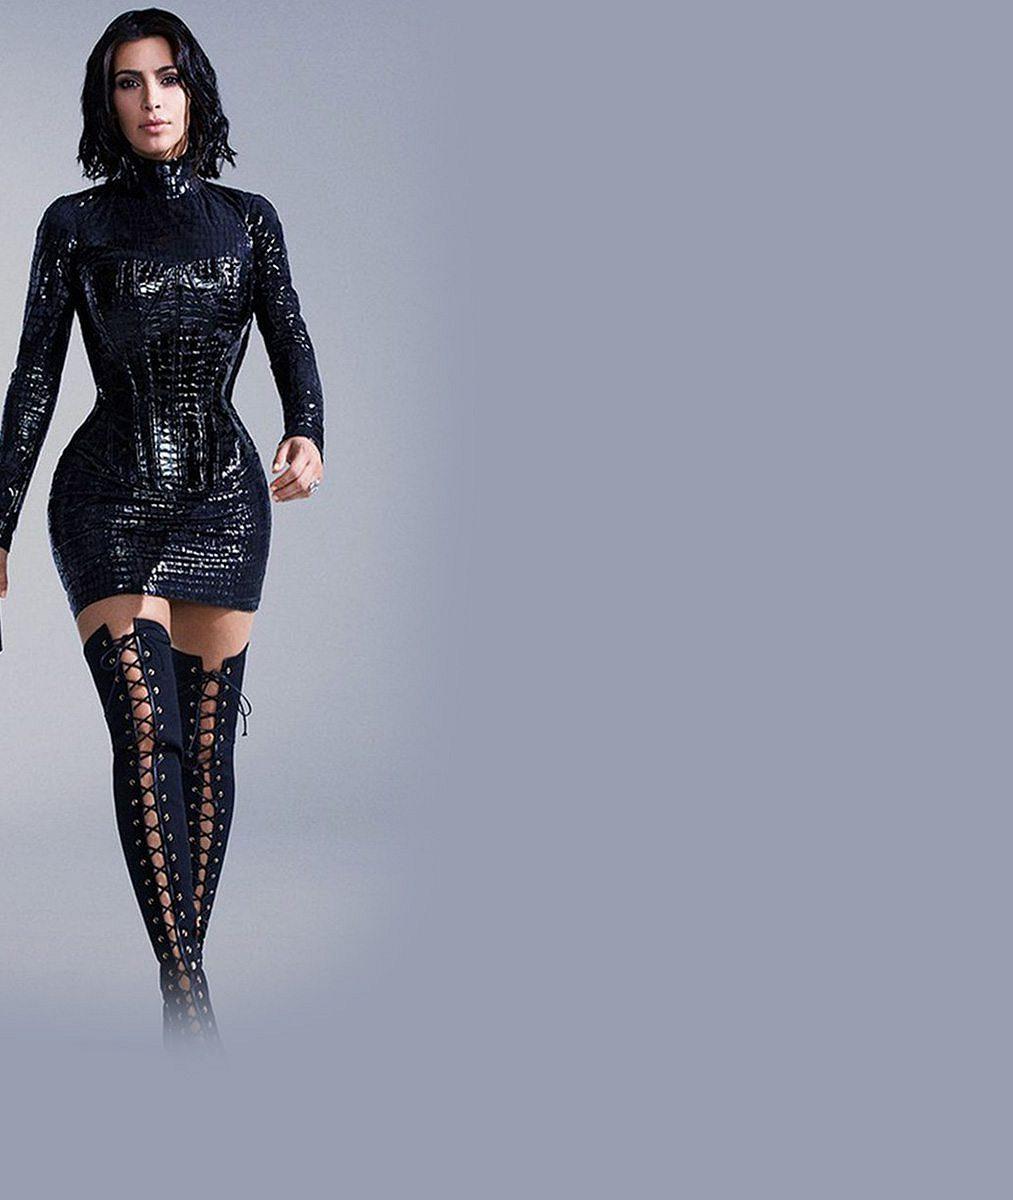 Chudák vyretušovaná Kim v nové kampani: Lidé si z ní utahují, že o téhle postavě si může nechat zdát